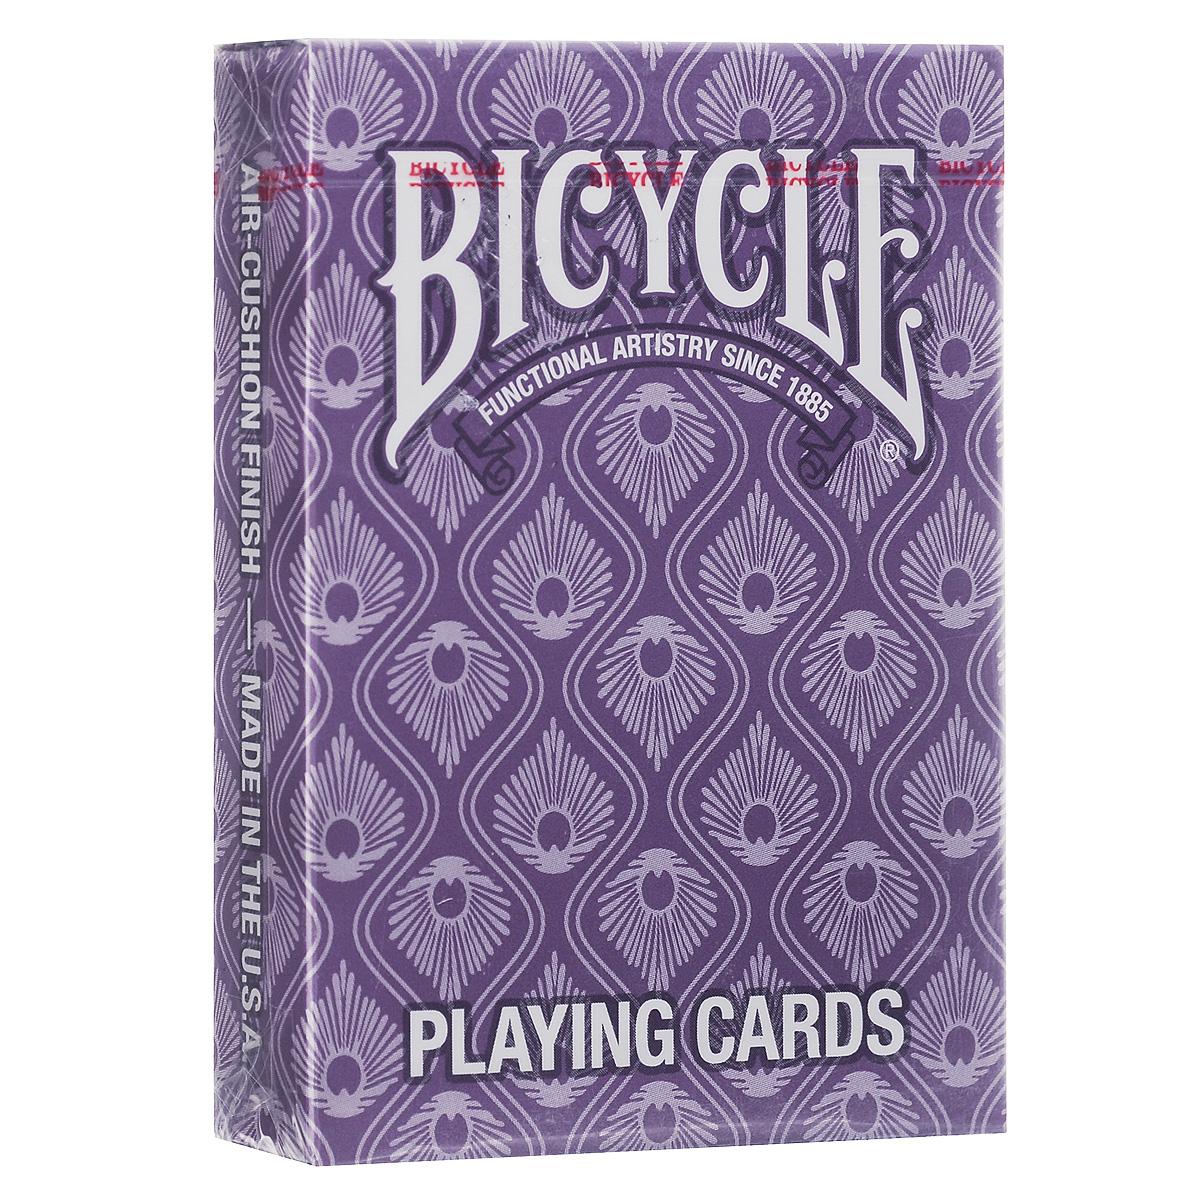 Игральные карты Bicycle Павлинья колода, цвет: фиолетовыйК-318Игральные карты Bicycle Павлинья колода - это стиль и талант. Доступна в двух цветах с повторяющимся мотивом павлиньих перьев.